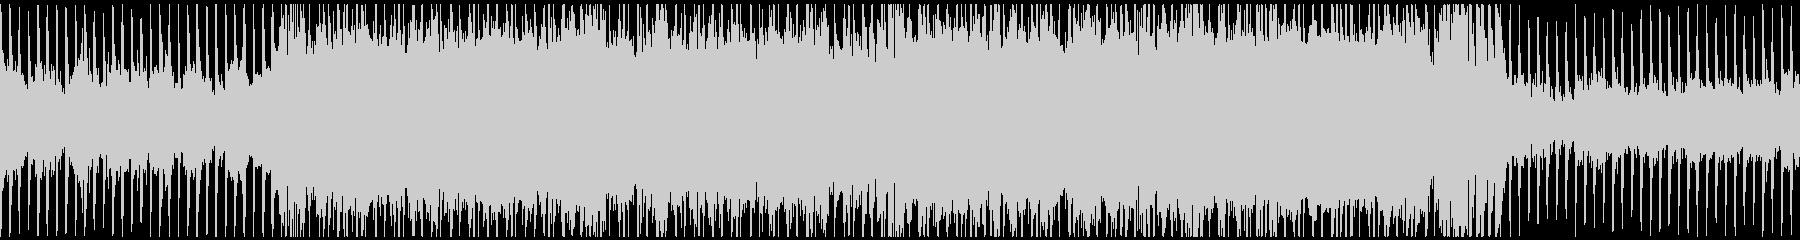 【ループ対応】感動的ストリングス&ギターの未再生の波形